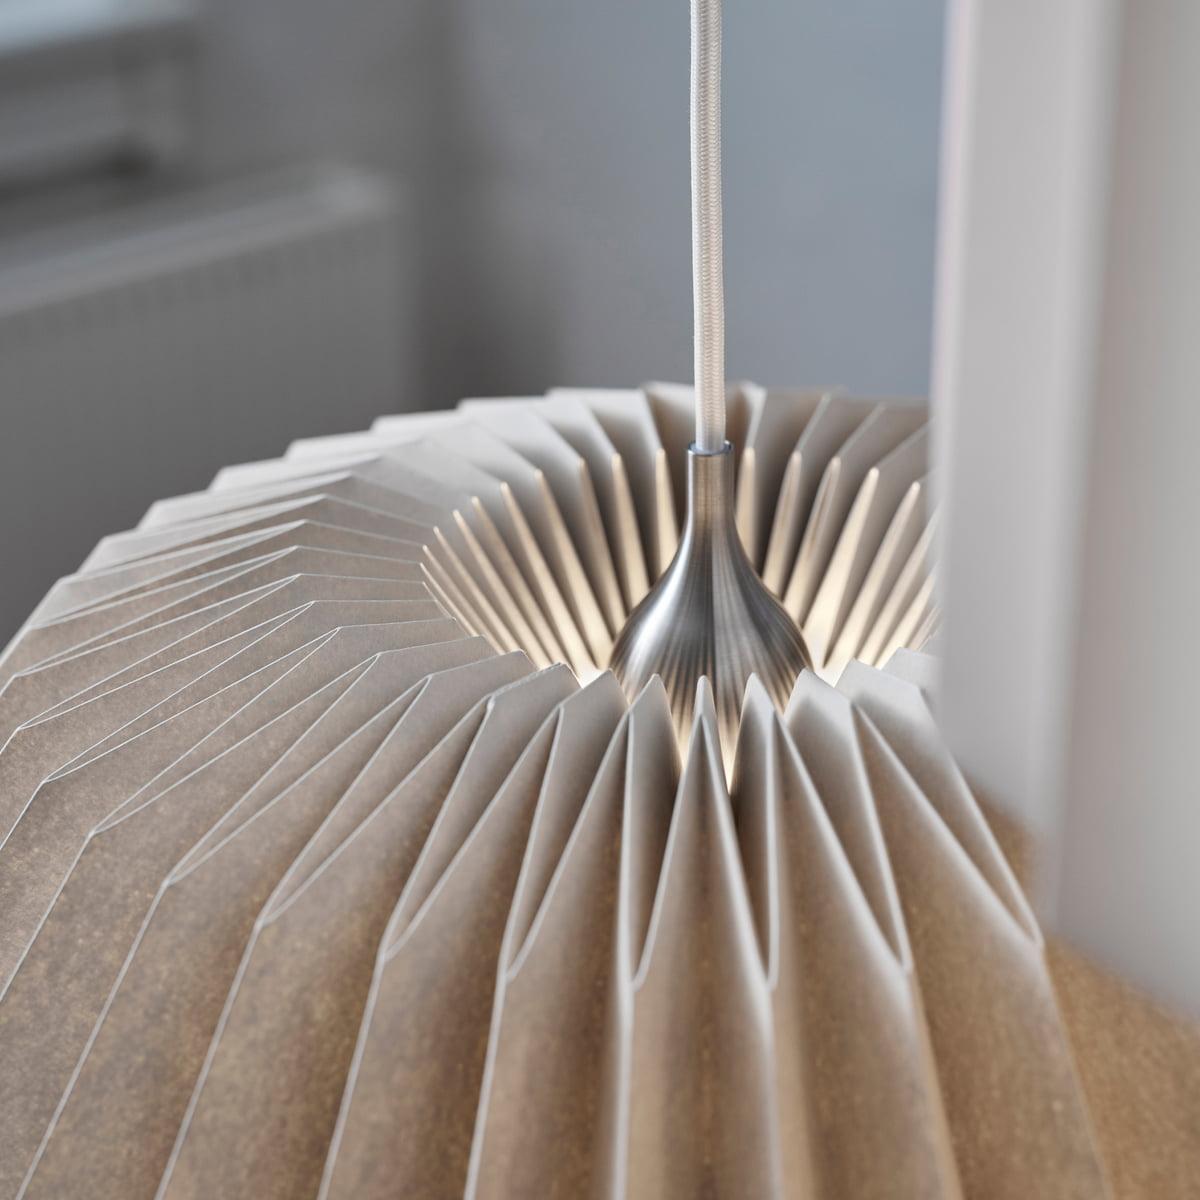 le klint lighting. Pleats 116 Megatwo Pendant Lamps L By Le Klint In Silk White Lighting